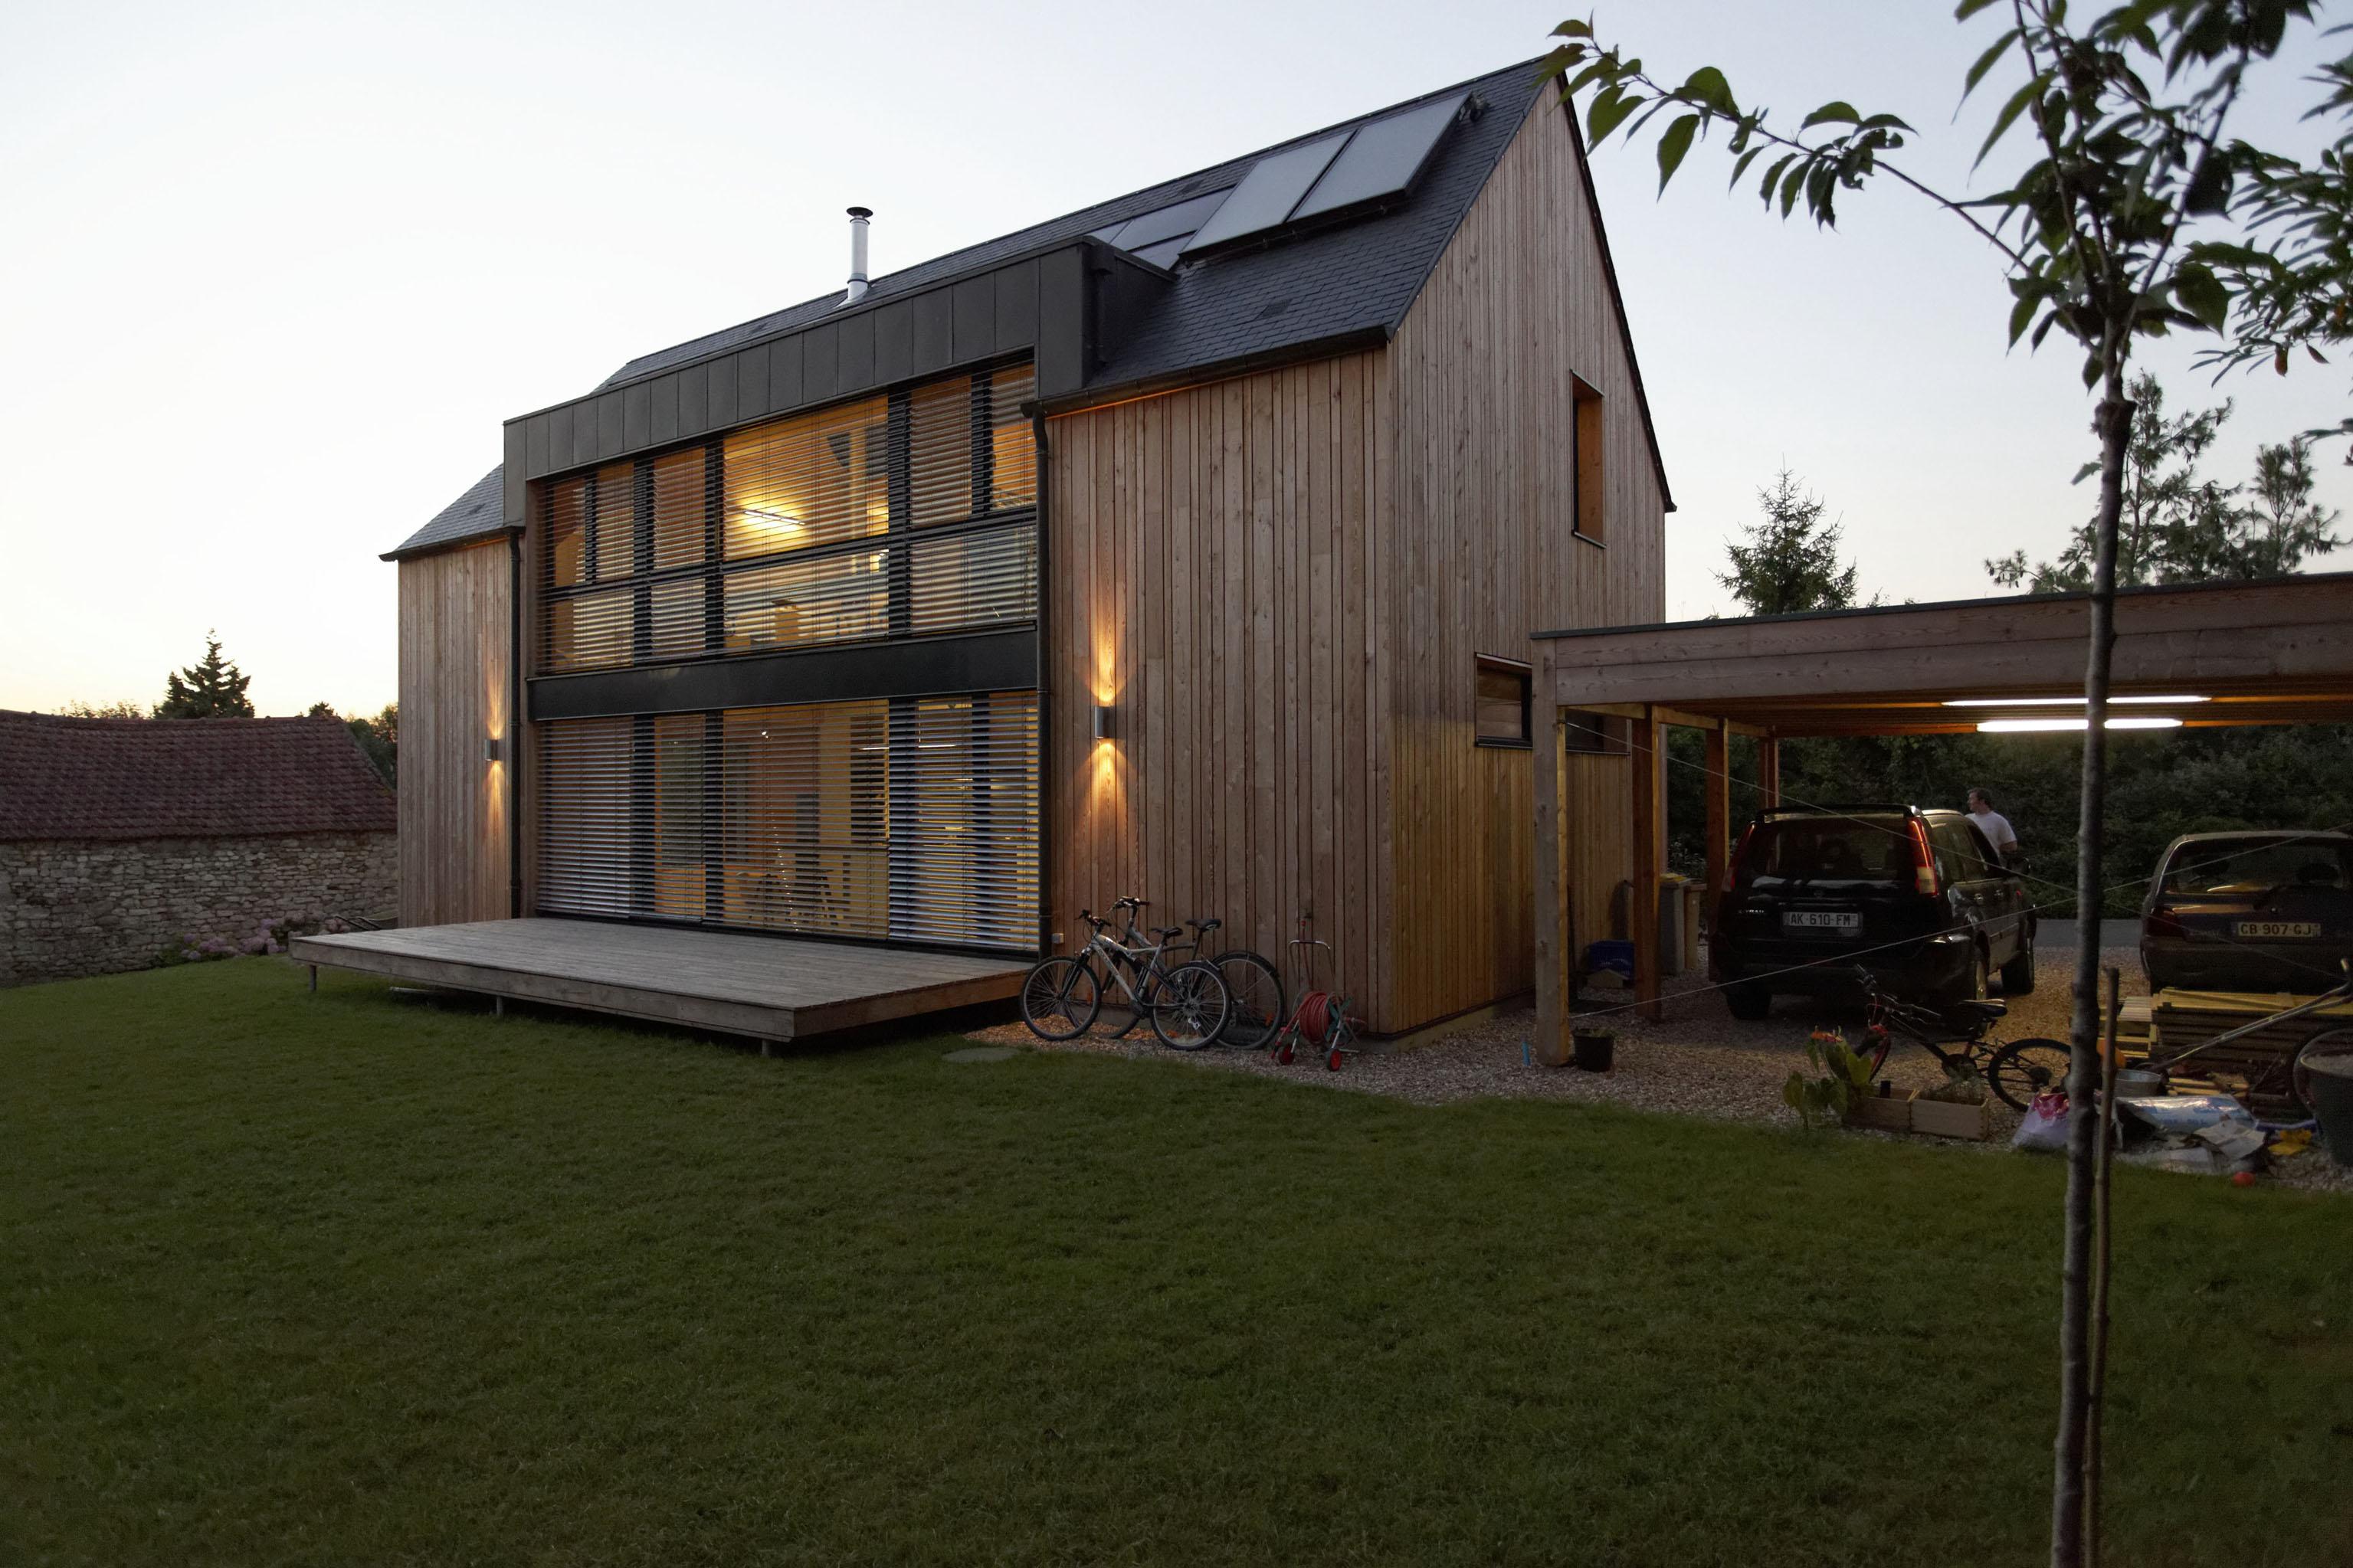 La Maison du 21e siècle